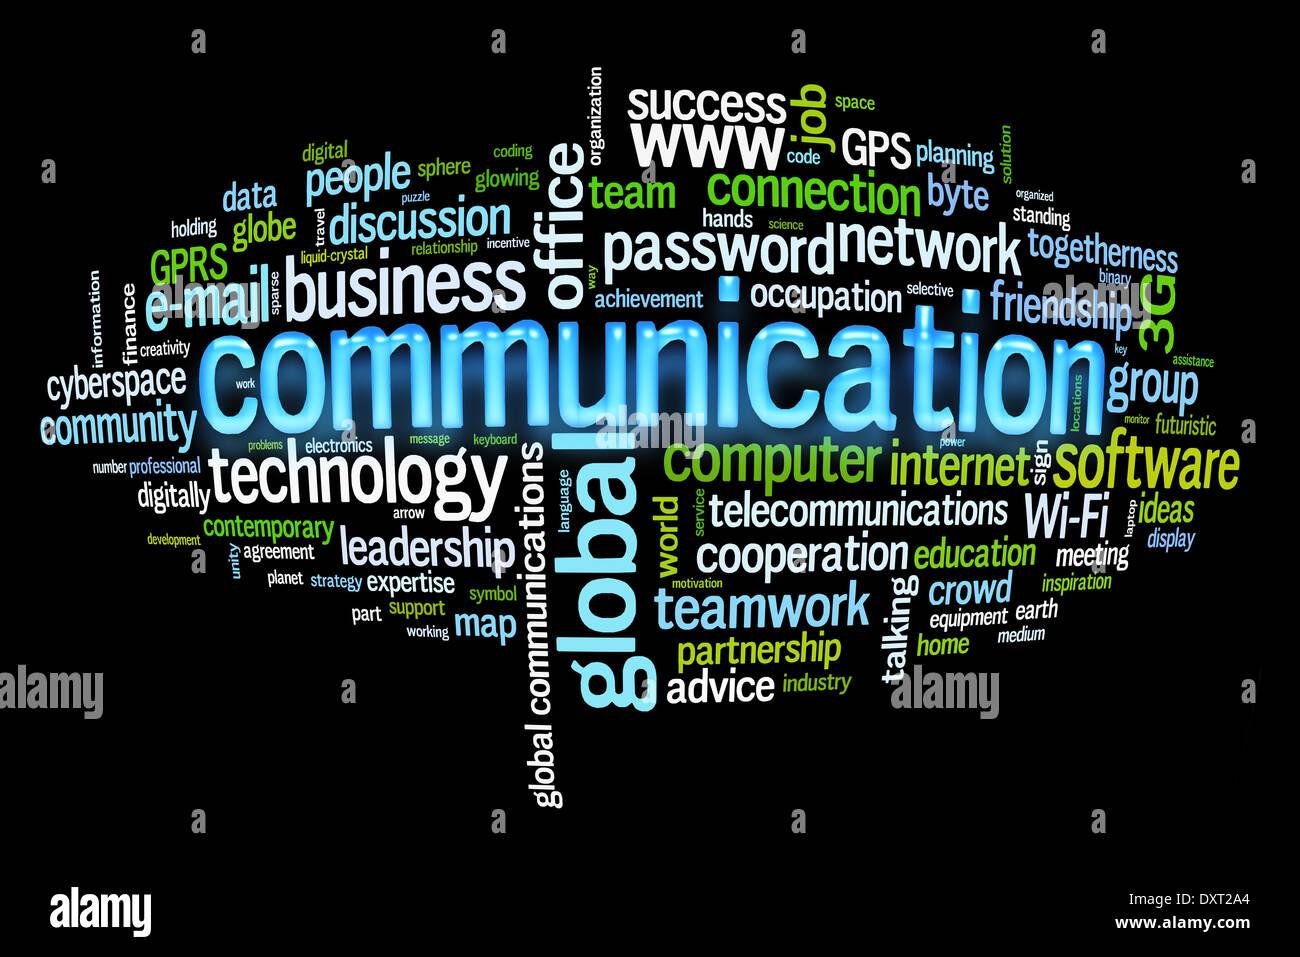 Kommunikation Konzept Bild Wortwolke Stockbild